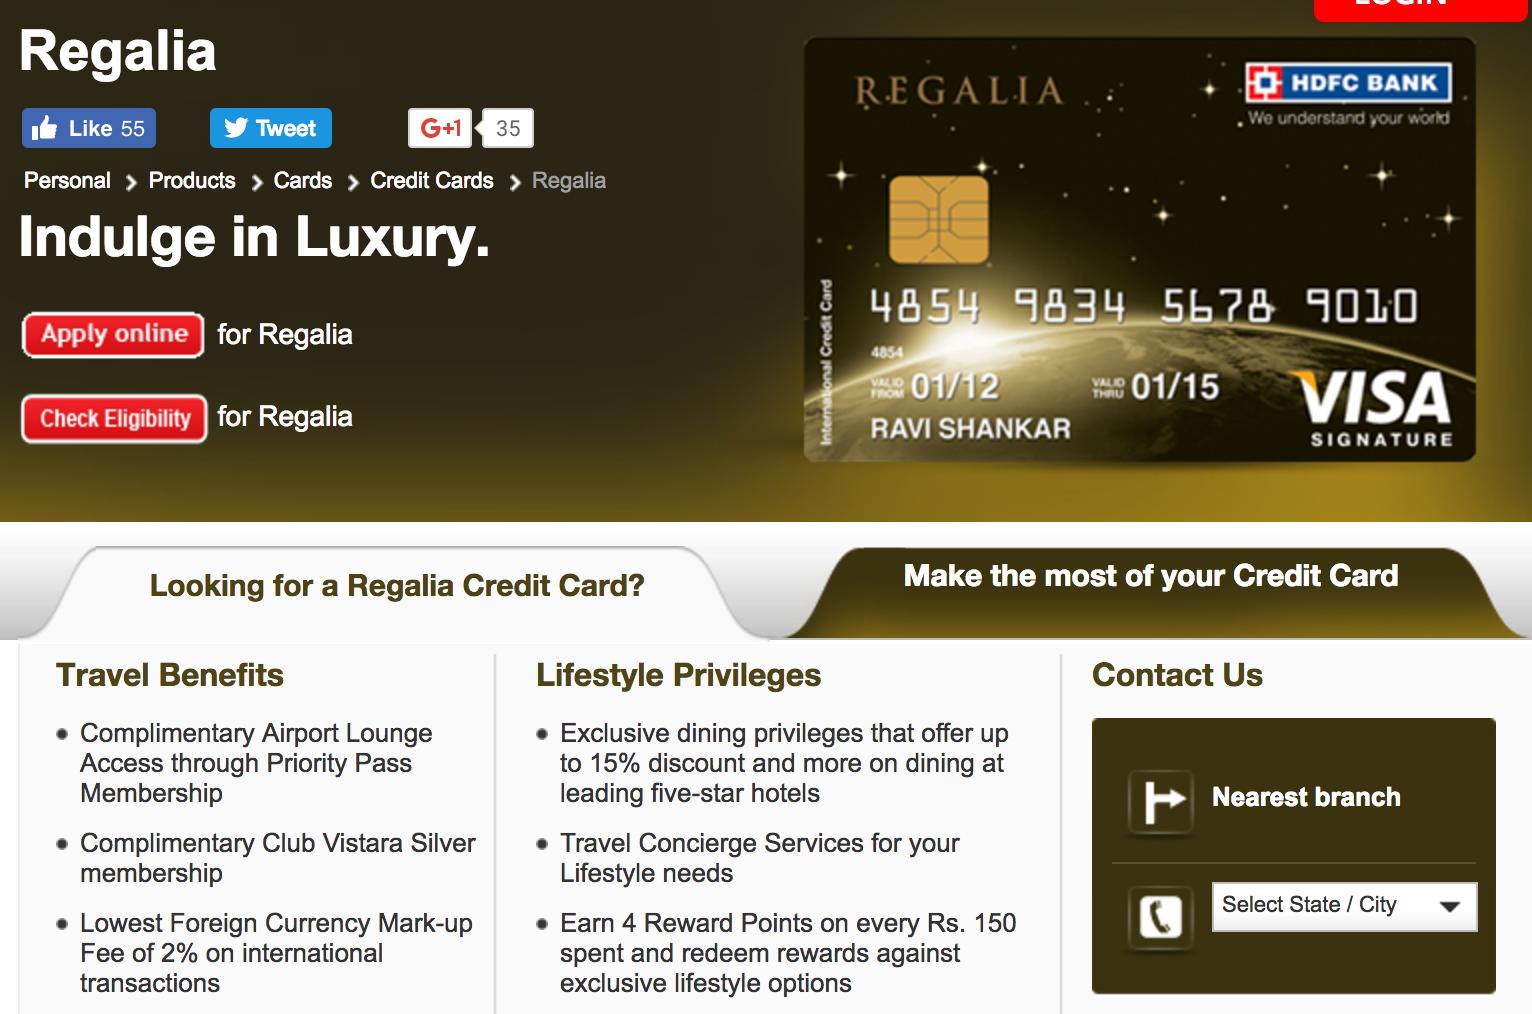 Hdfc regalia forex card login